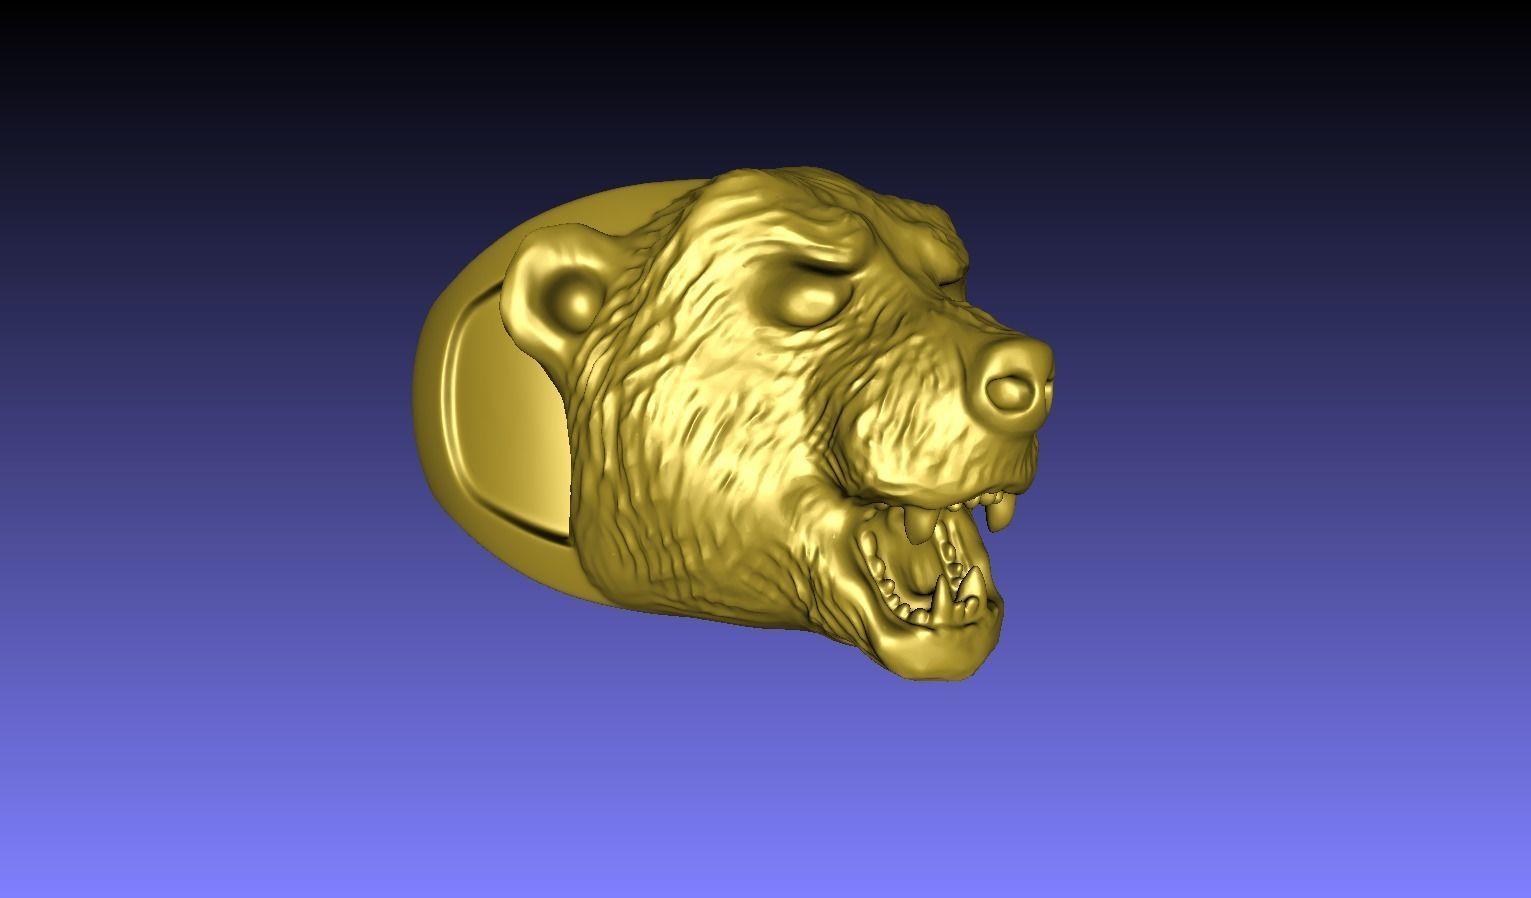 aggressive bear face ring